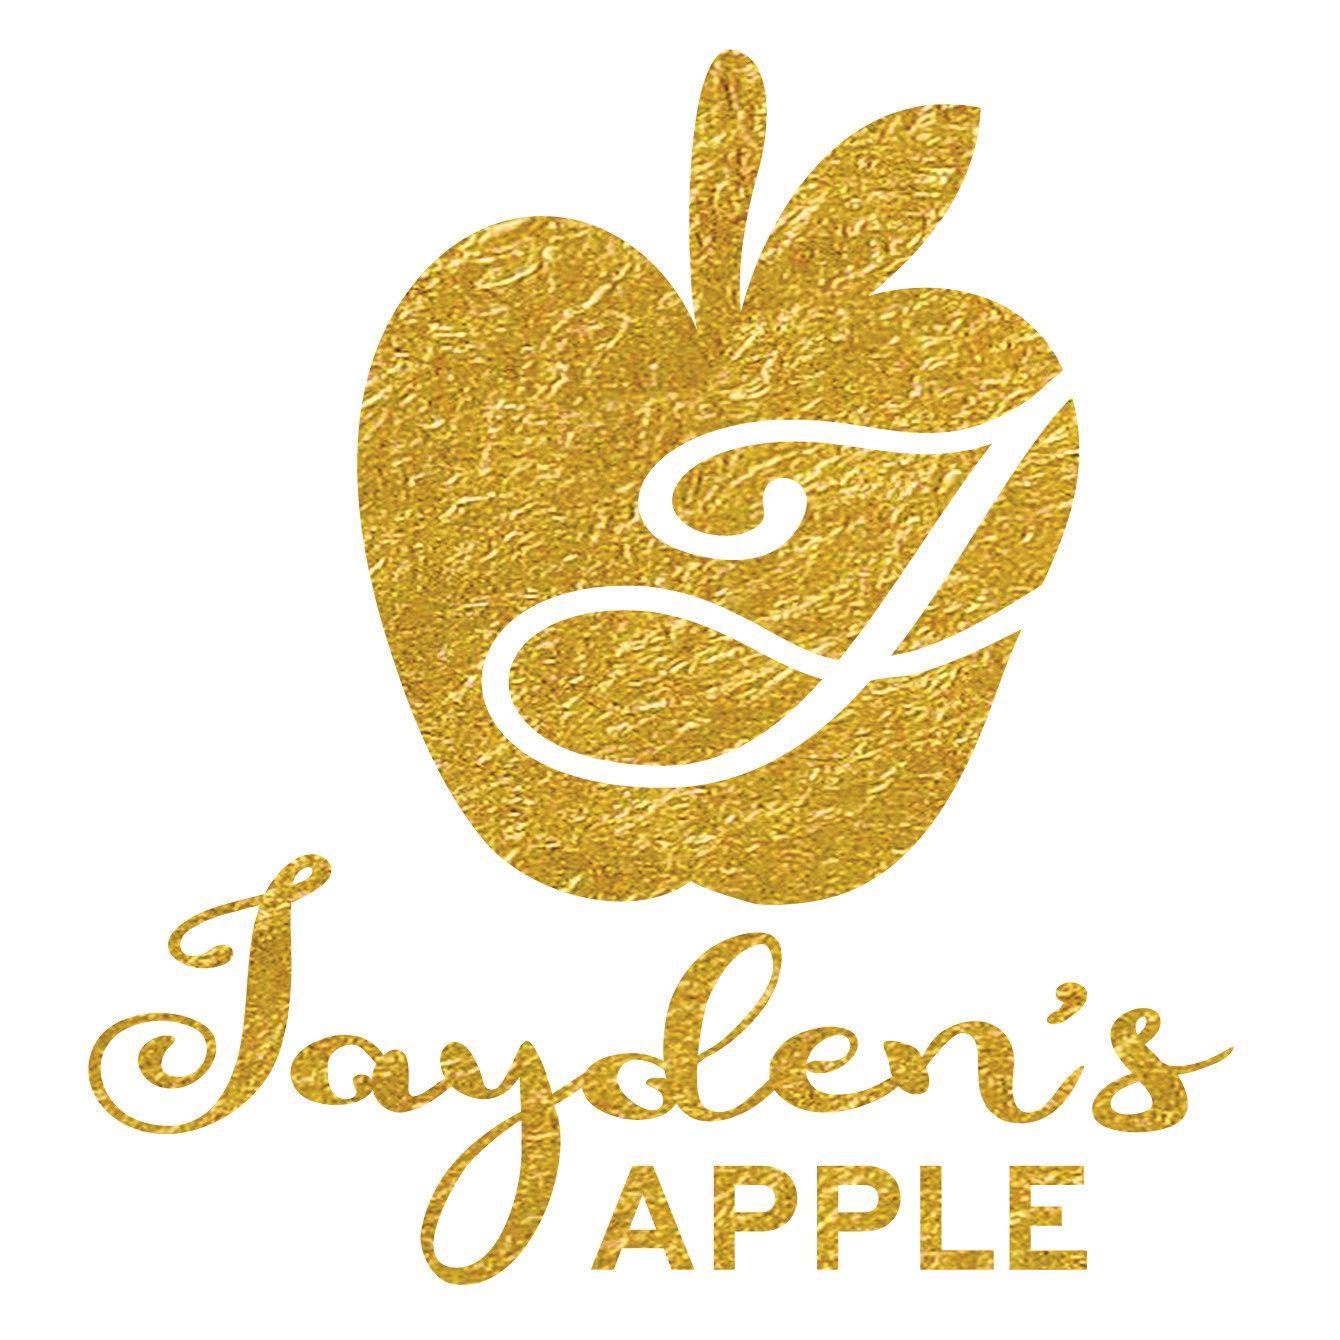 Durchstöbere einzigartige Artikel von JaydensApple auf Etsy, einem weltweiten Marktplatz für handgefertigte, Vintage- und kreative Waren.